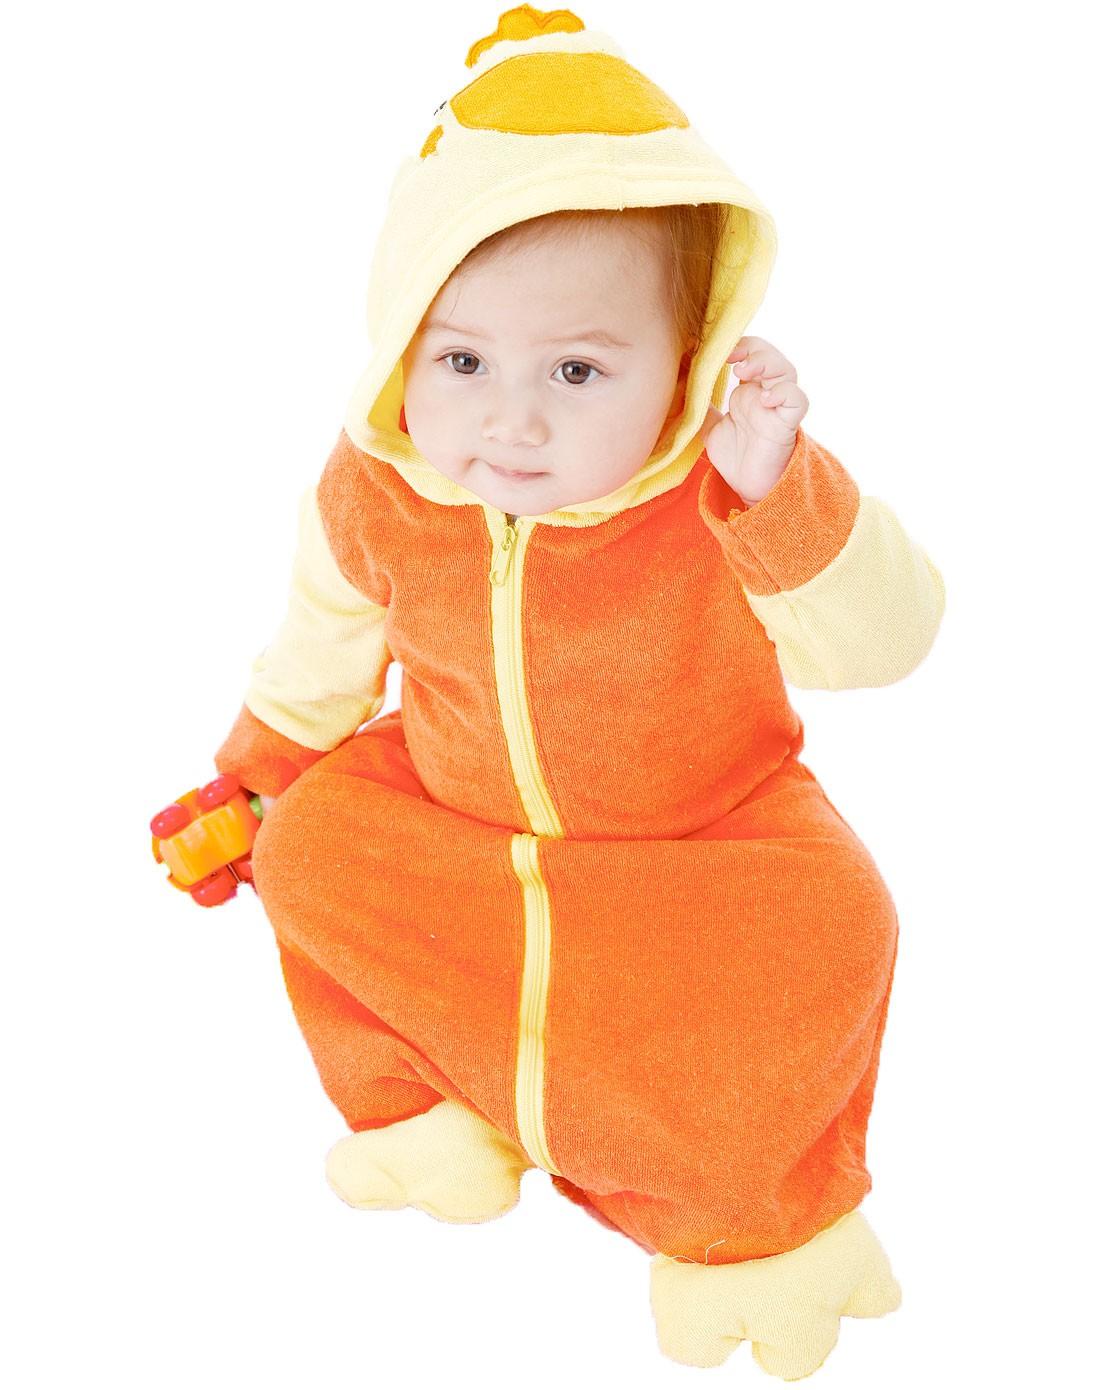 oriana母婴用品专场02婴幼儿卡通小动物带帽浴袍图片